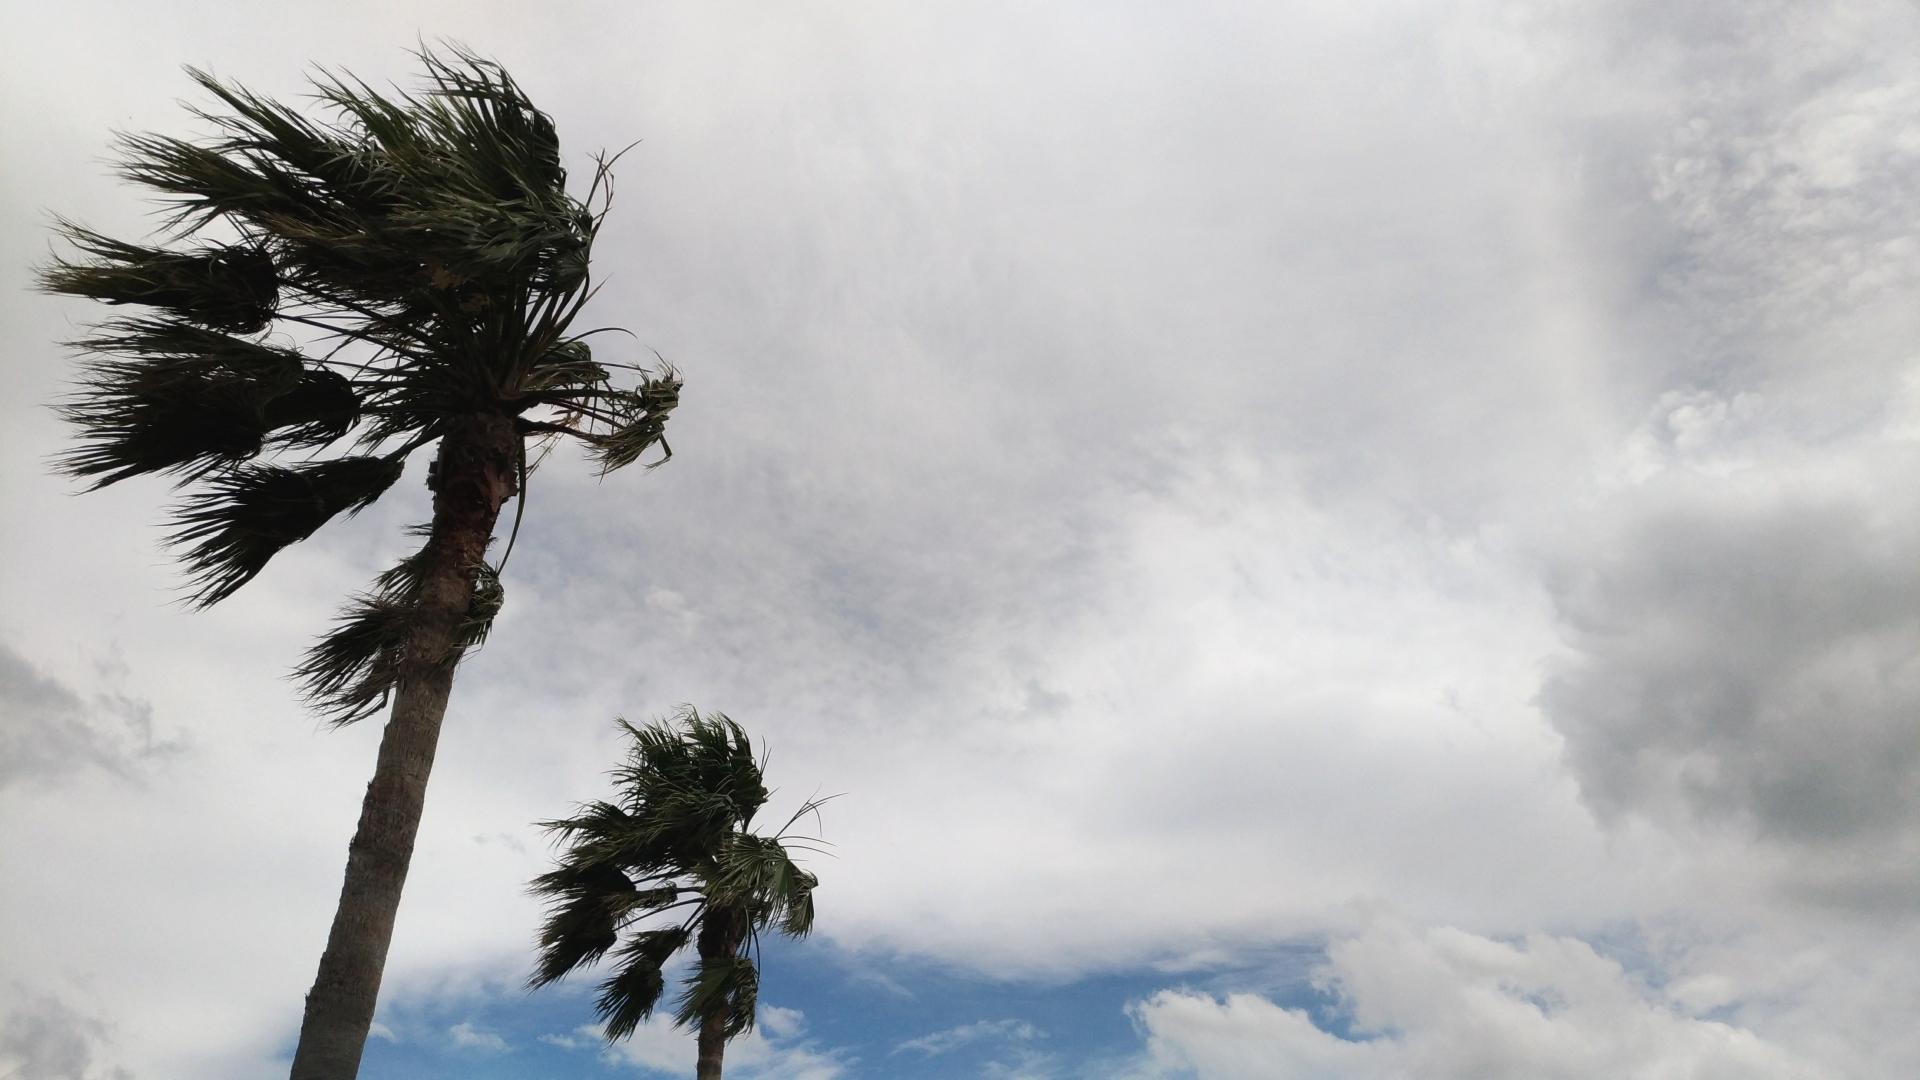 ダブル台風と嵐